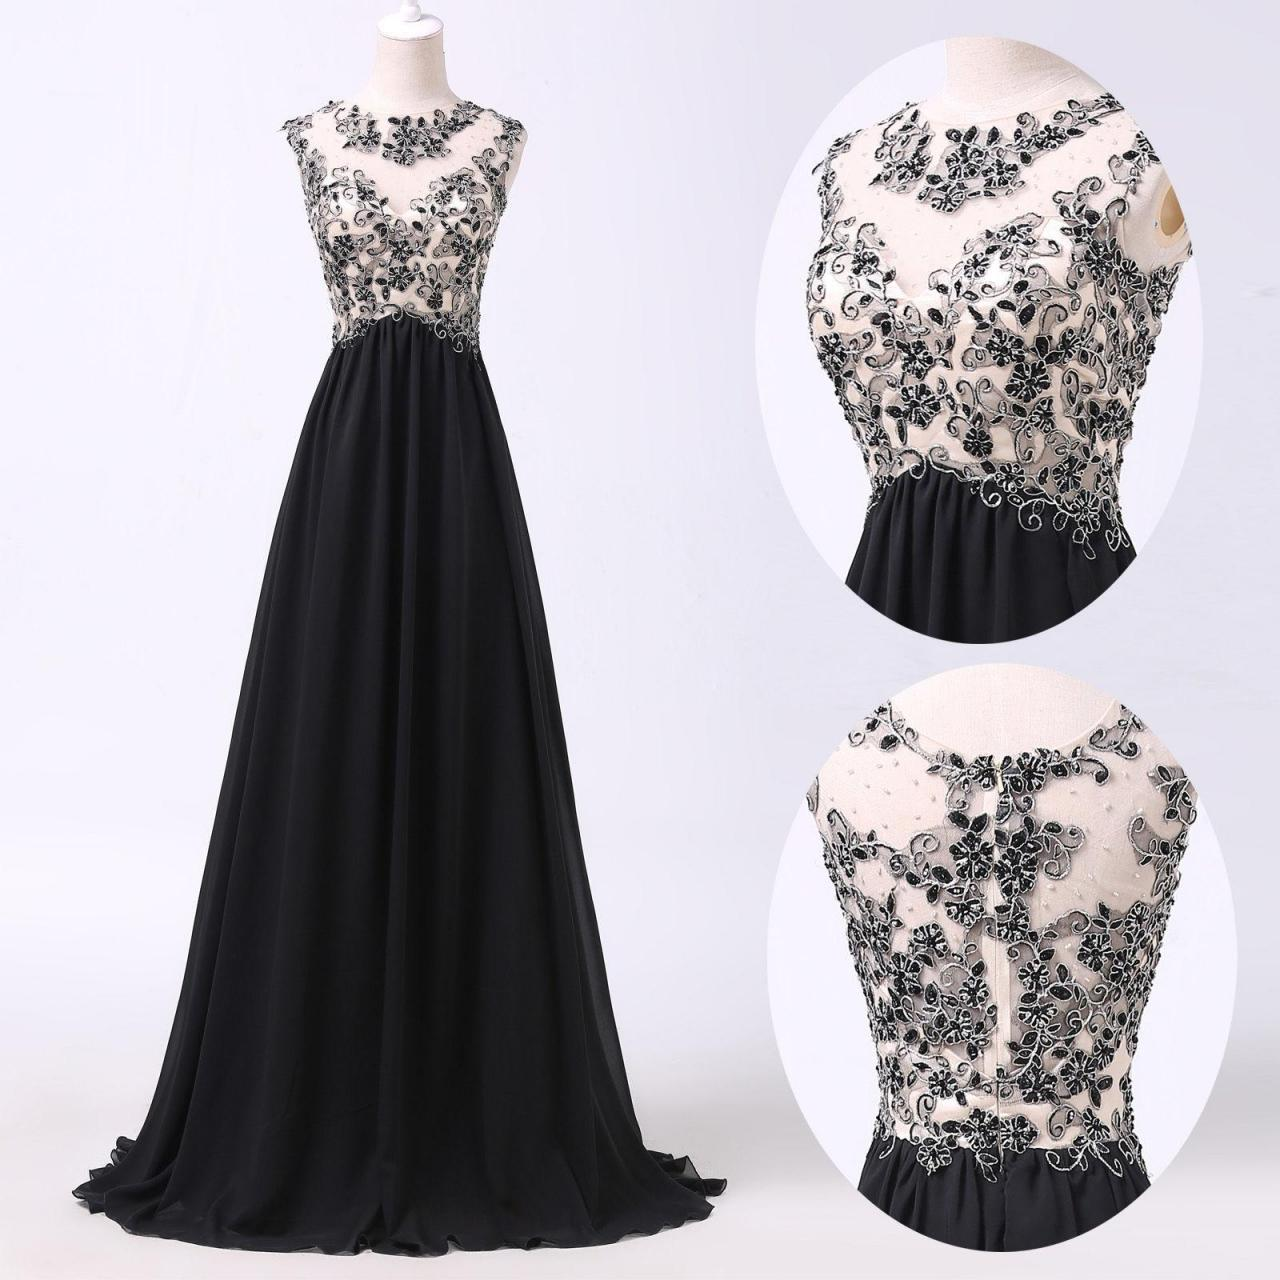 simple dresses a line prom dresses,black lace prom dress,simple prom dress,modest evening  gowns,cheap party dresses,graduation gowns,lace YHJRALU